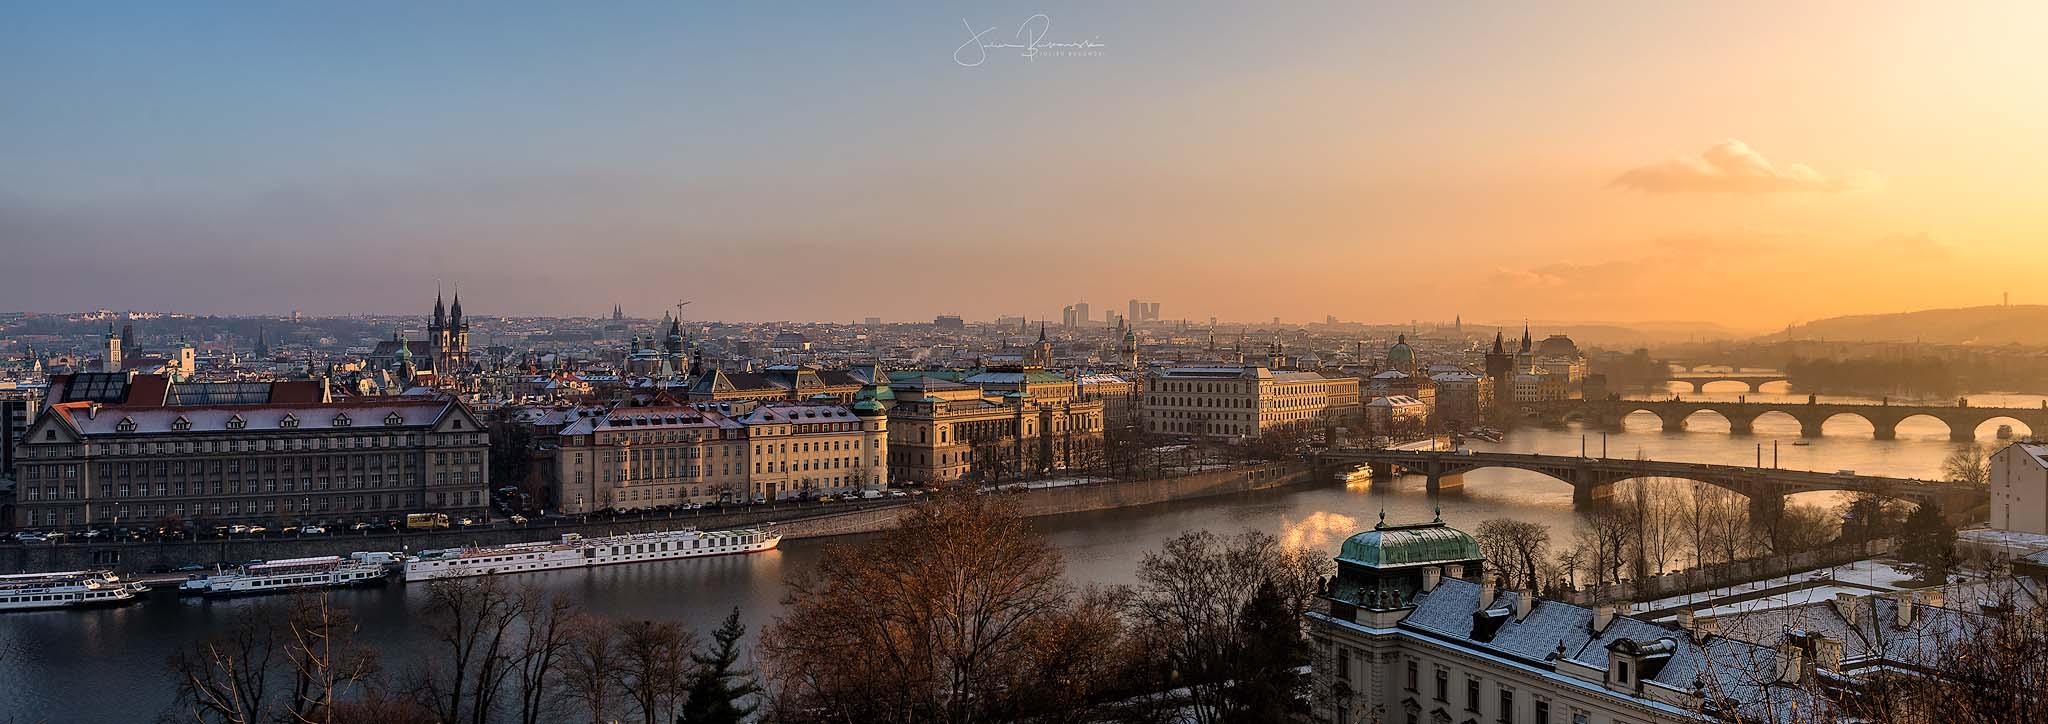 Les ponts de Prague (République Tchèque)